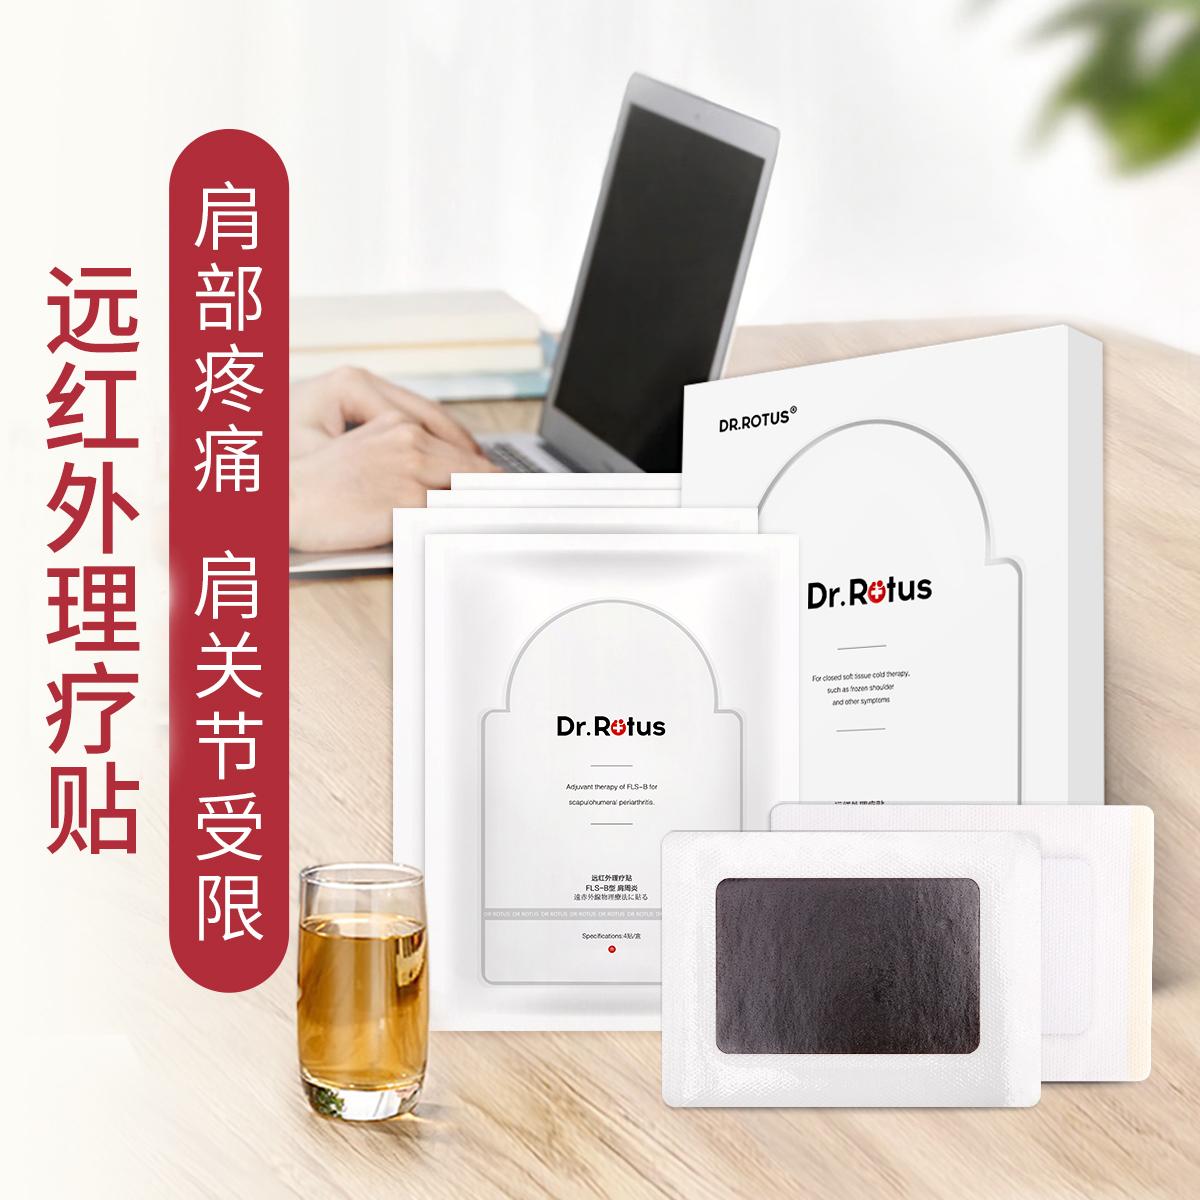 drrotus日本肩周炎专用贴膏肩膀疼痛贴肩颈肩周贴(6贴/盒)